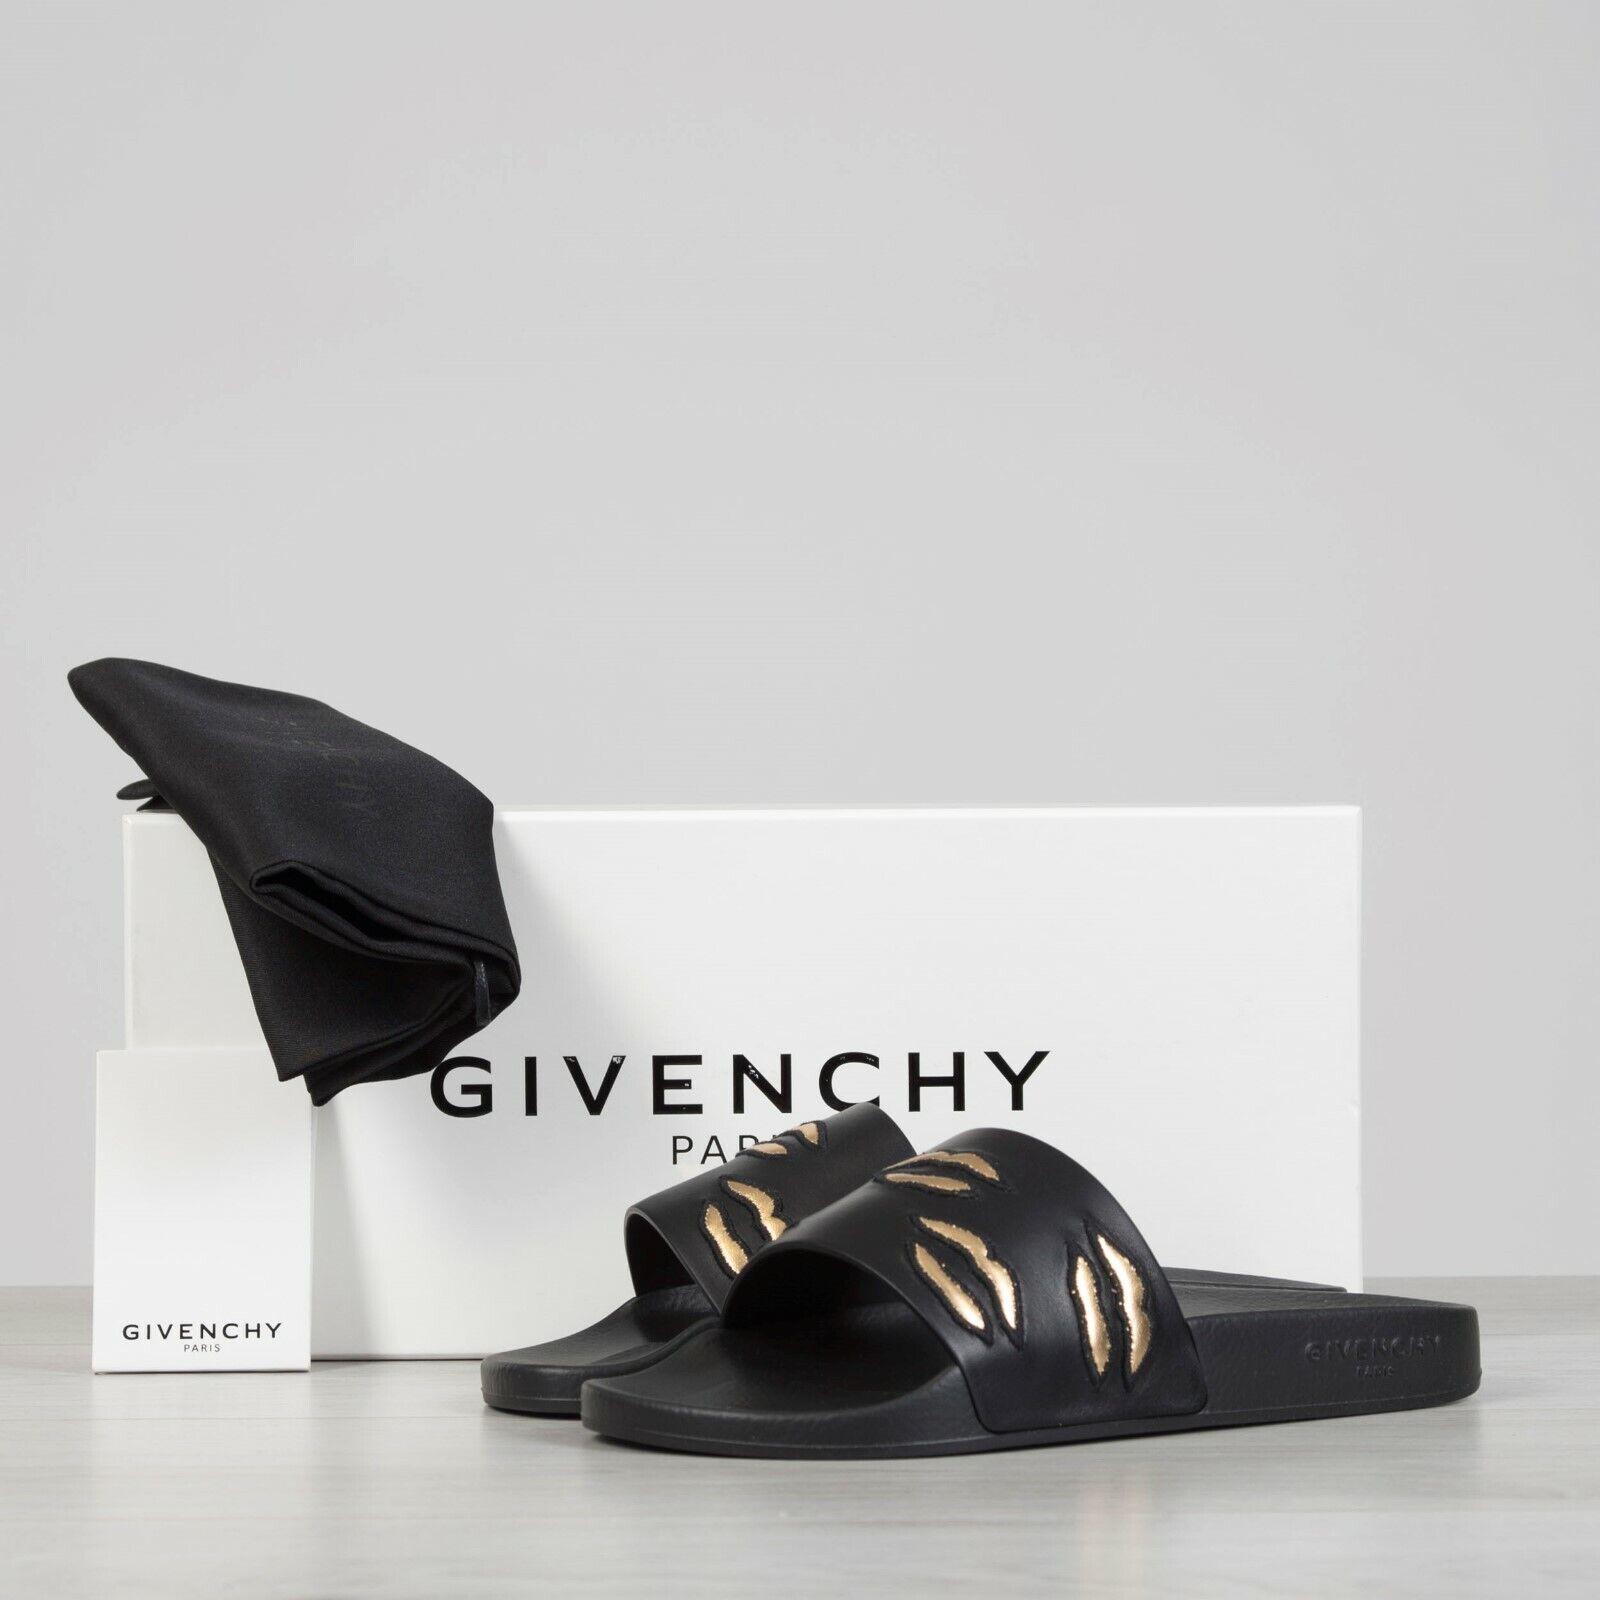 Givenchy  595 Negro de goma Sandalias de de de diapositivas con labios bordados  edición limitada